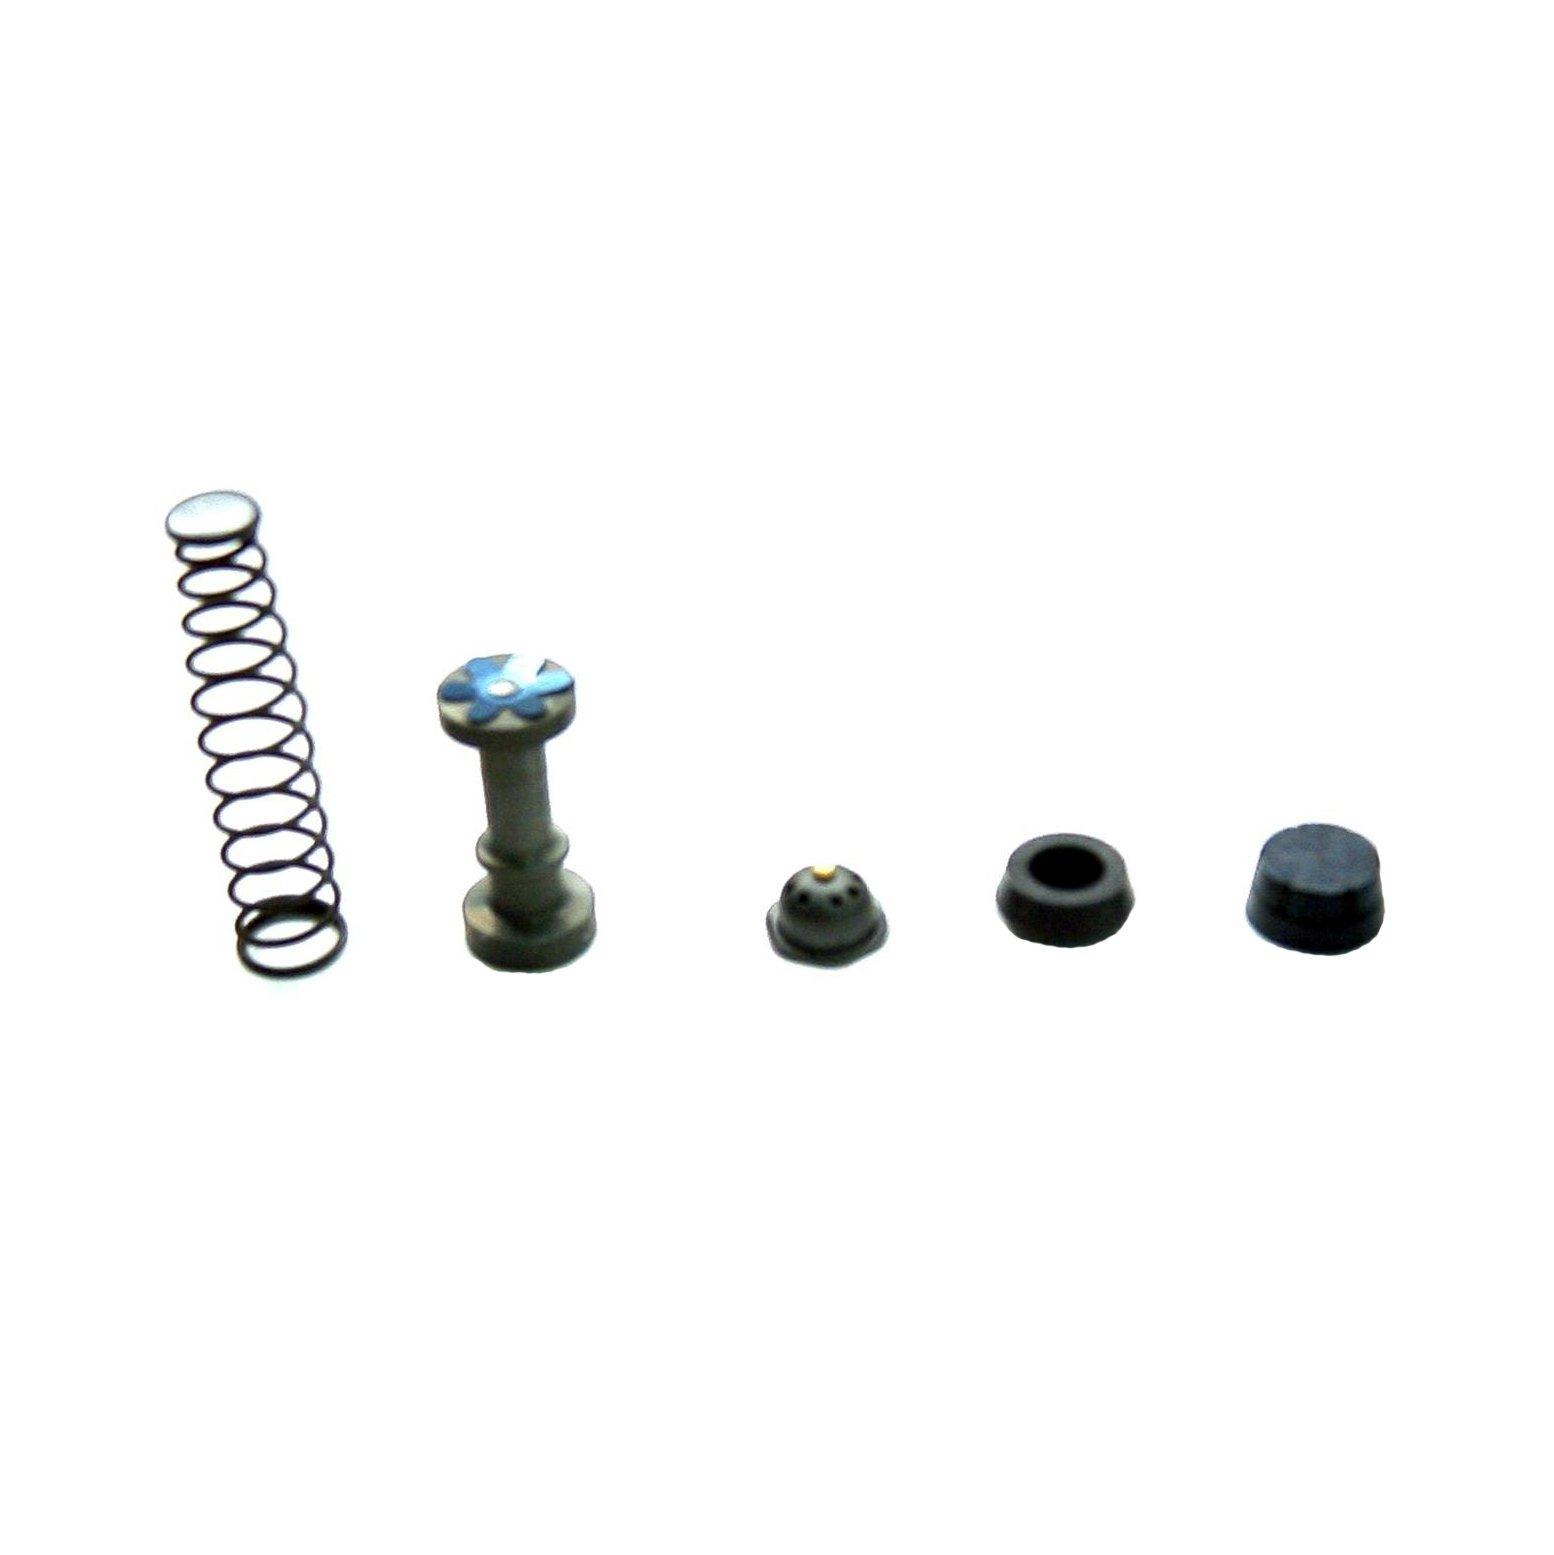 Kit réparation maître-cylindre de frein arrière Tour Max Suzuki GS 110